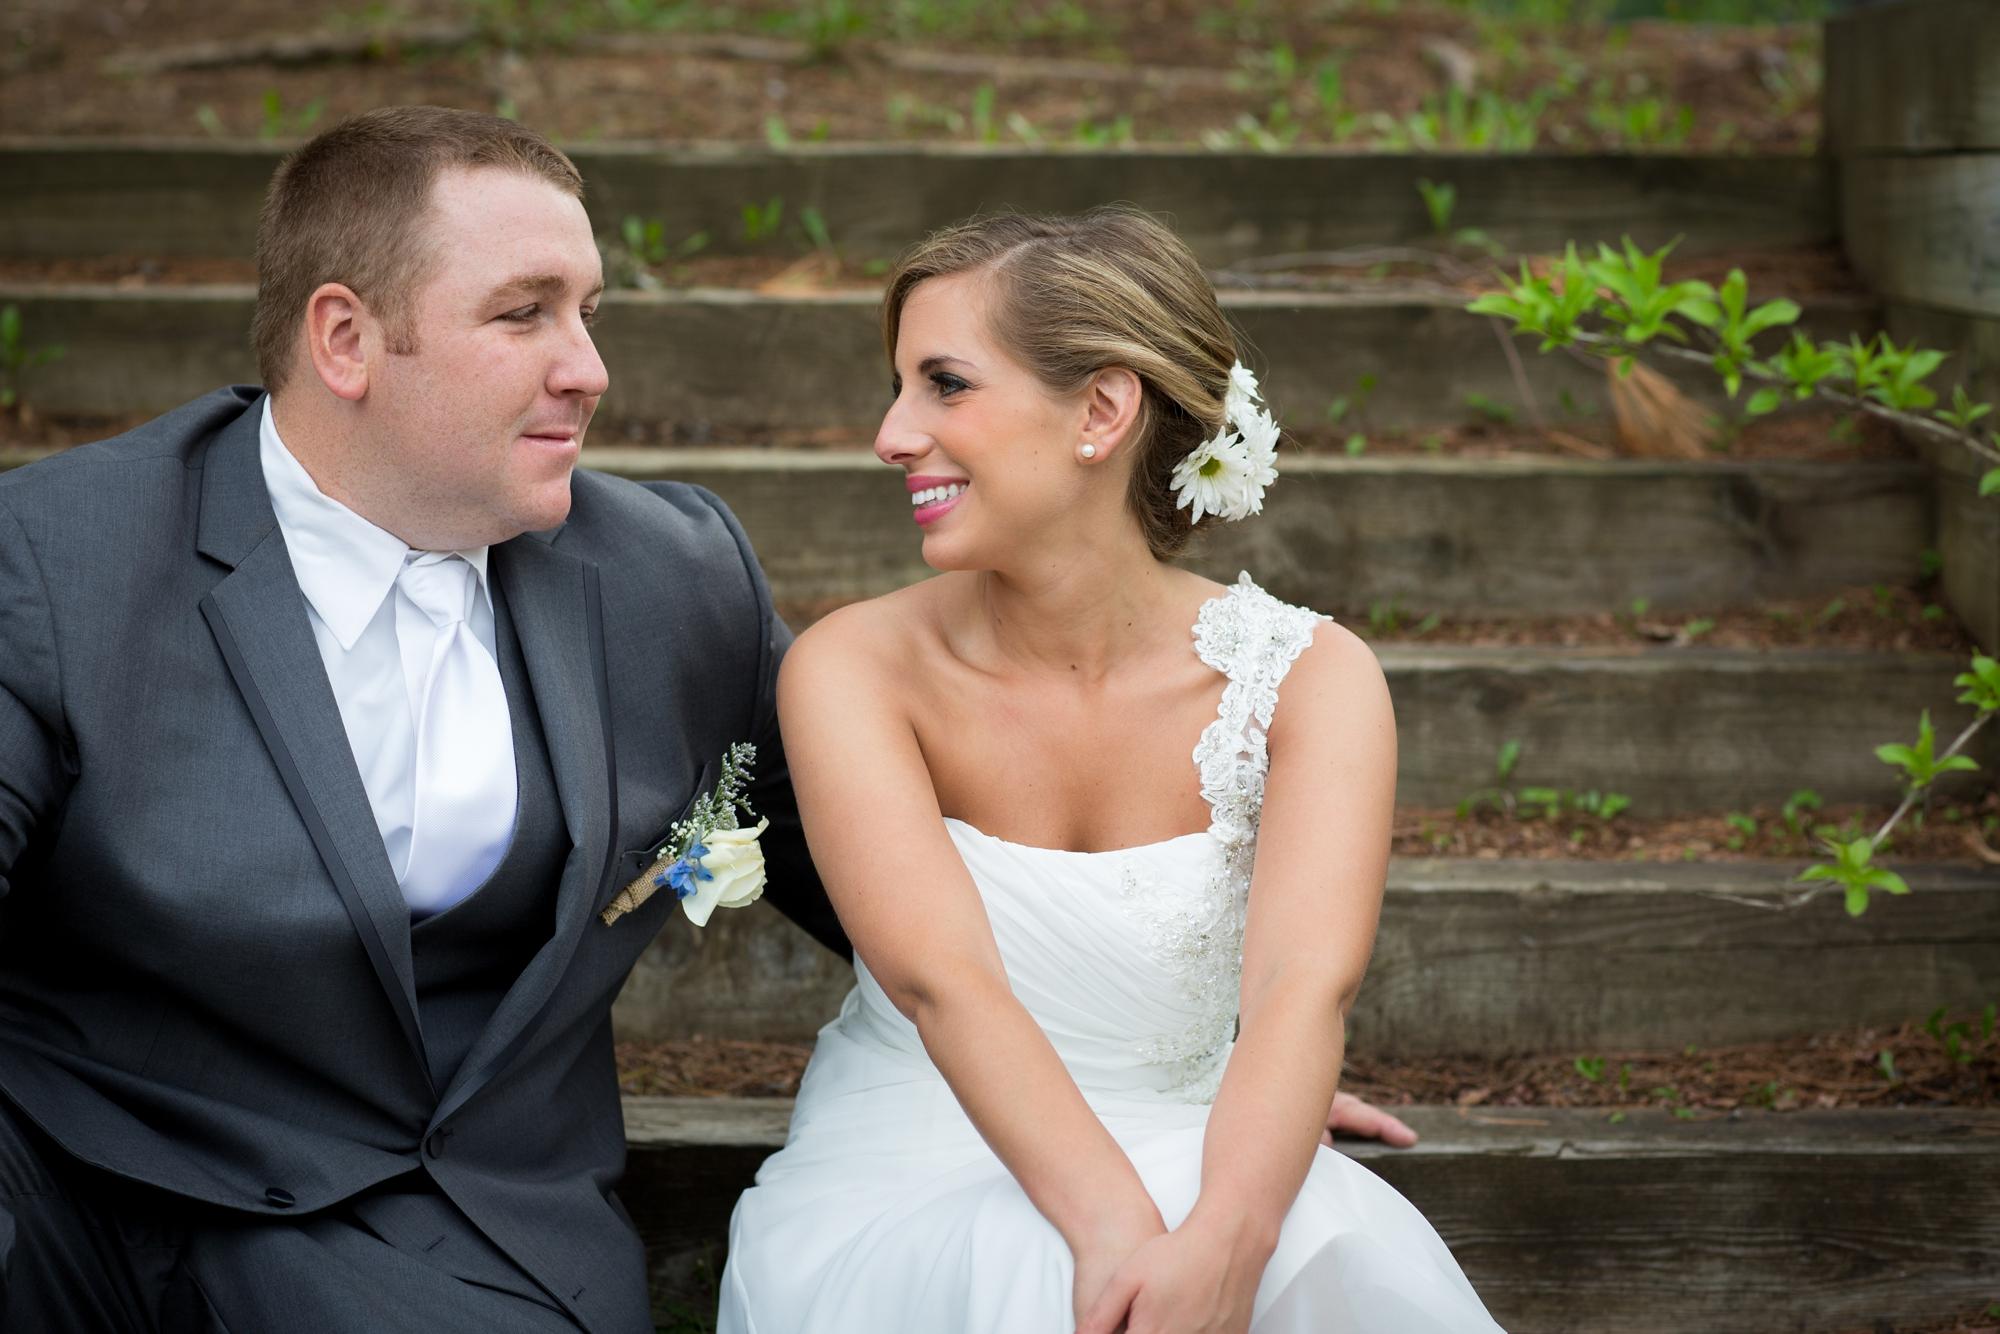 Albany NY Wedding Photographer Justin Tibbitts Photography 2014 Best of Albany NY Weddings-493145138